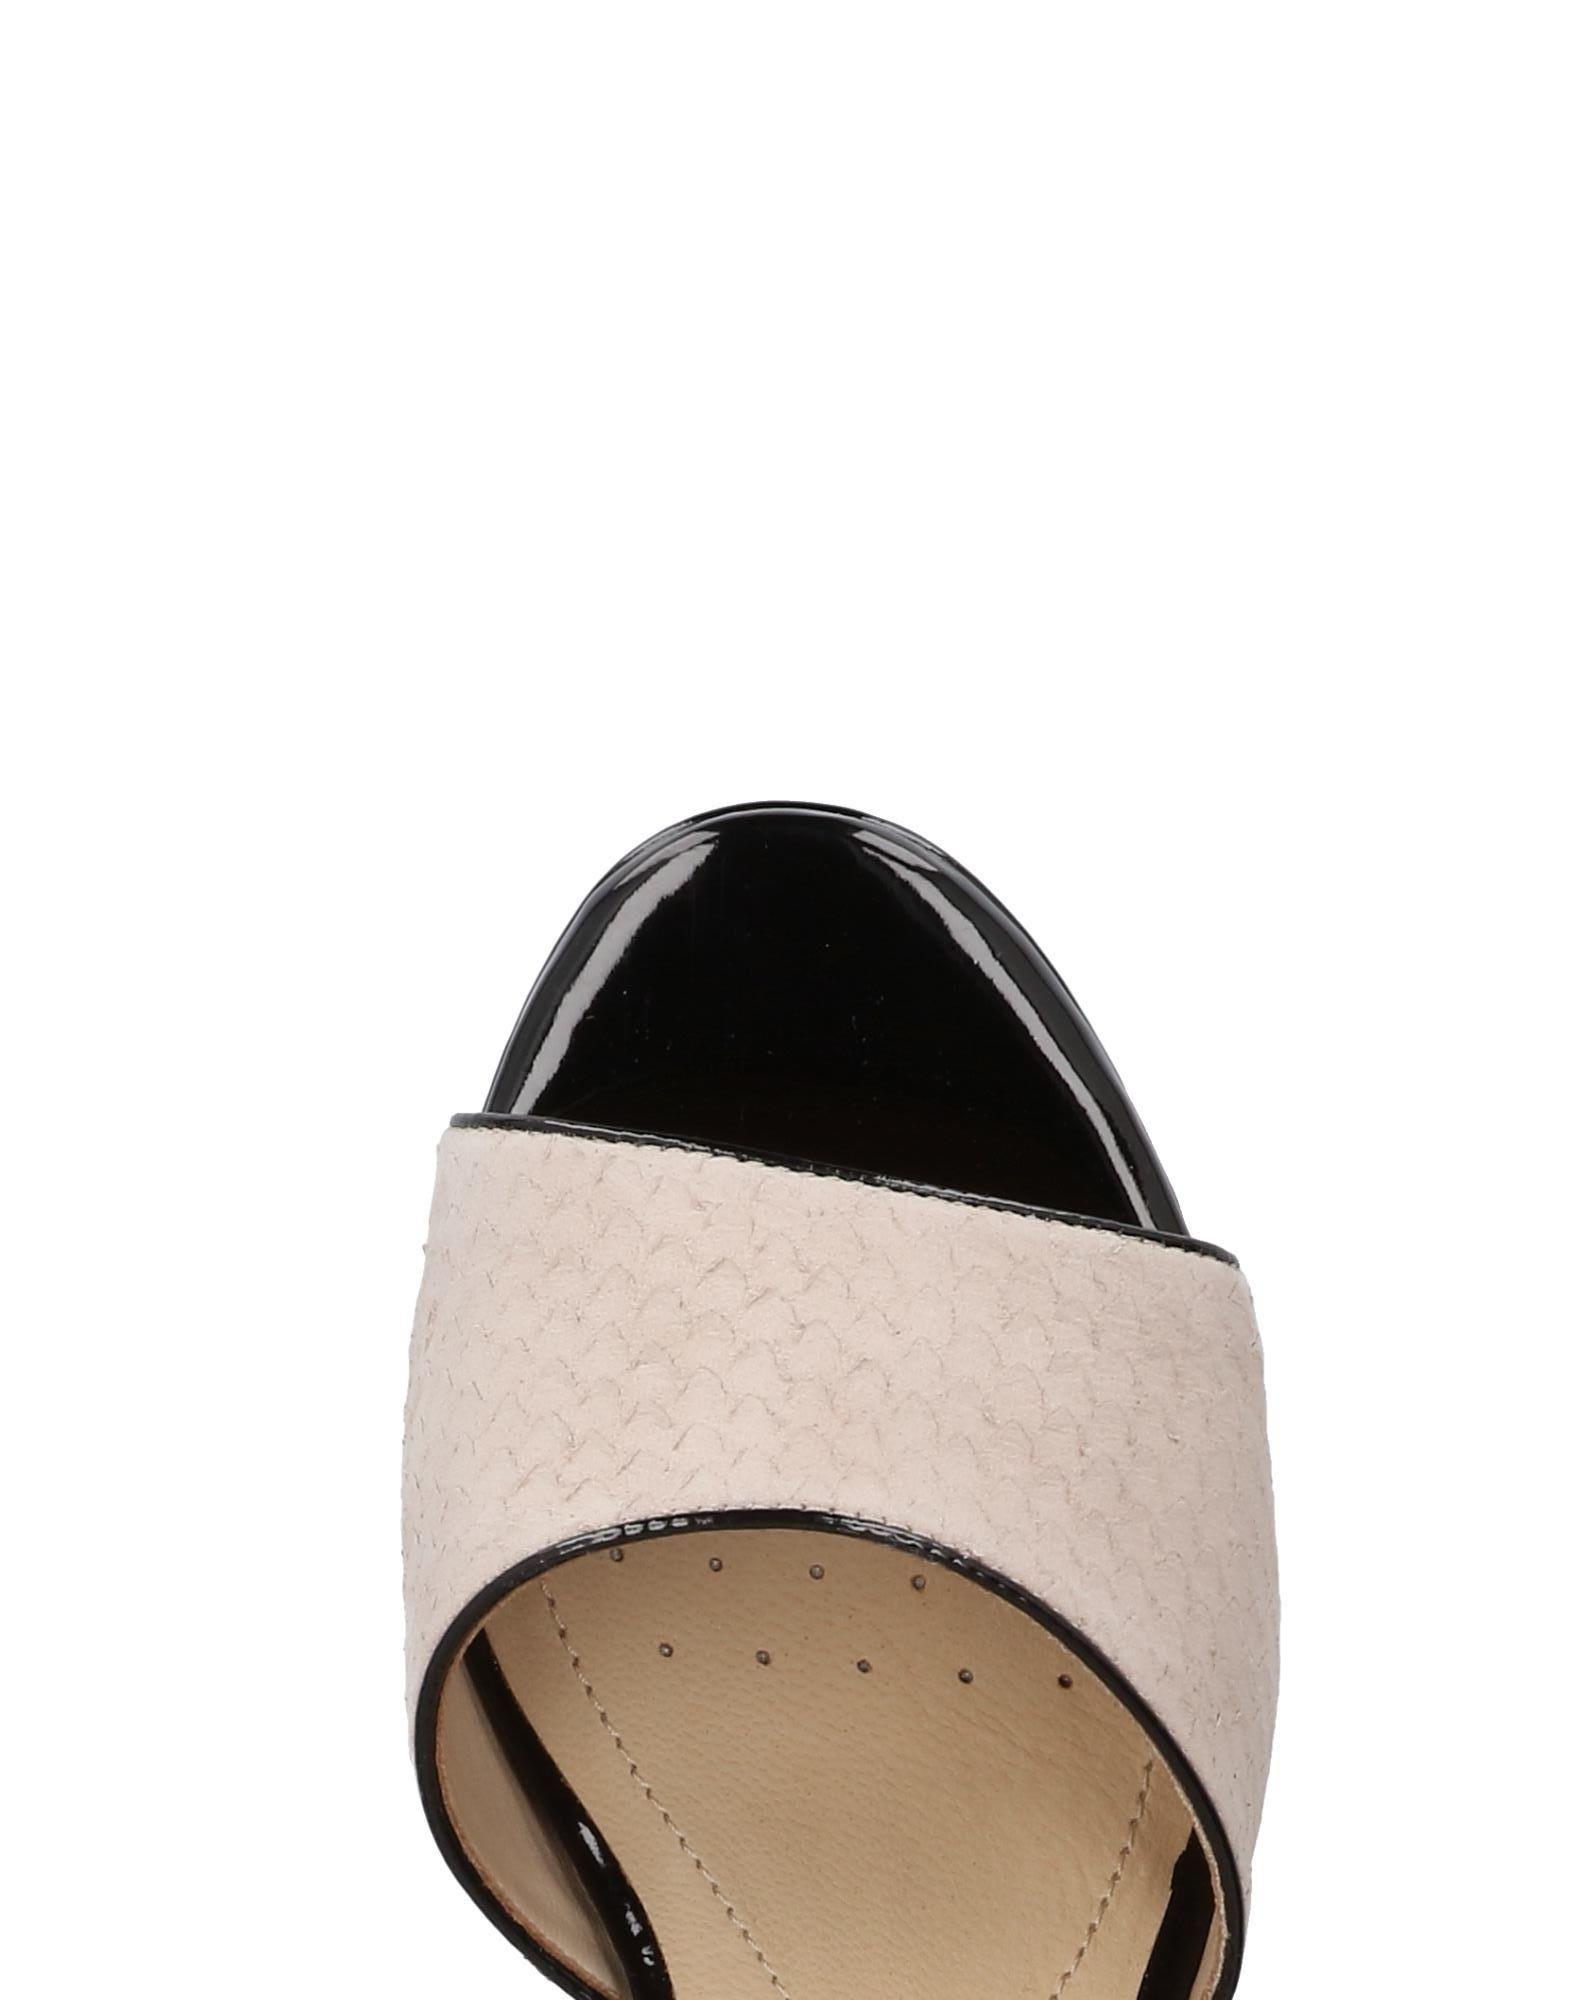 Geox Sandalen Damen Qualität  11475578WU Gute Qualität Damen beliebte Schuhe c118ae